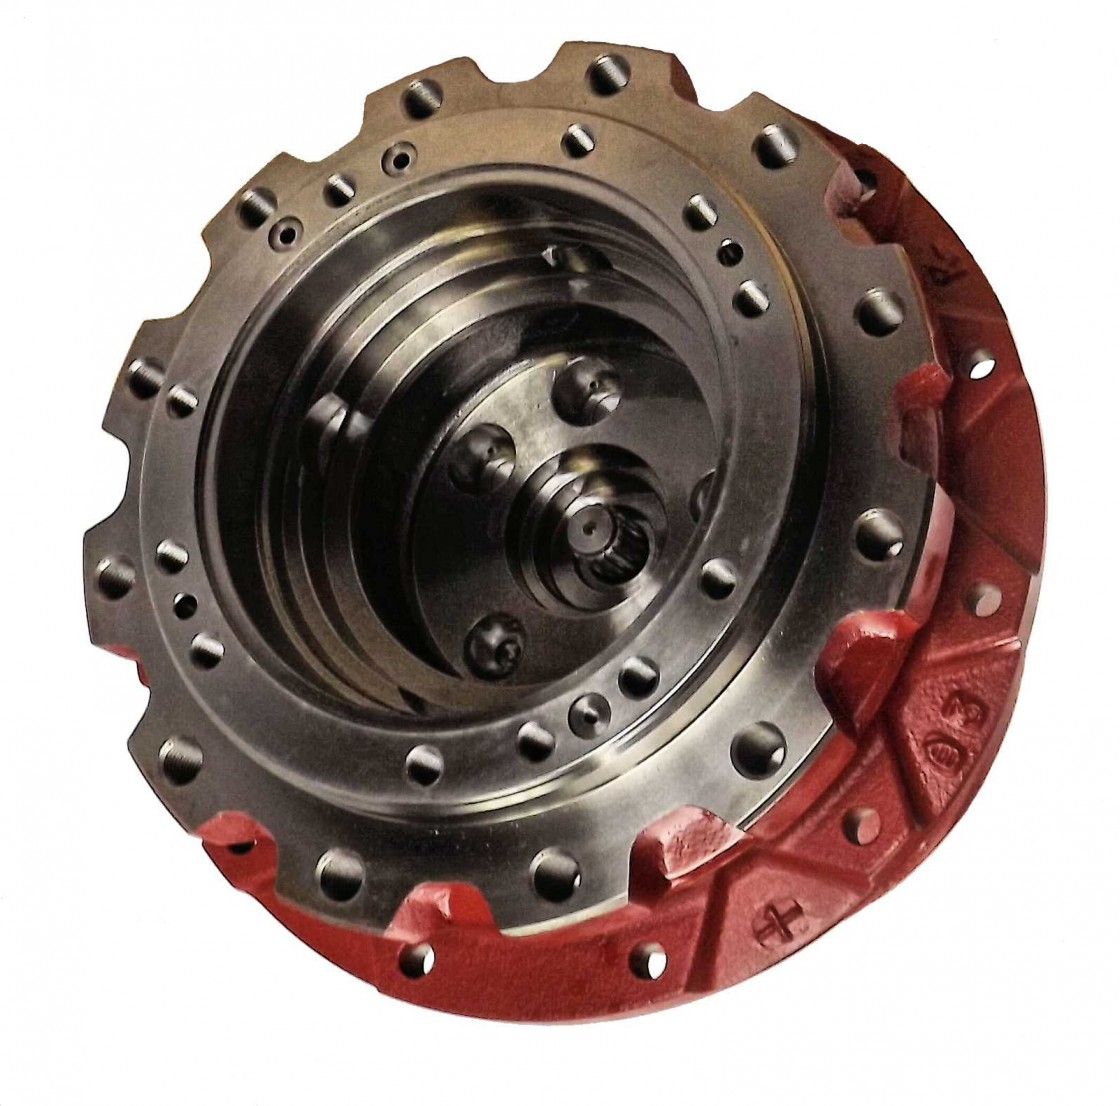 Komatsu PC270LC-8-W1 Hydraulic Final Drive Motor